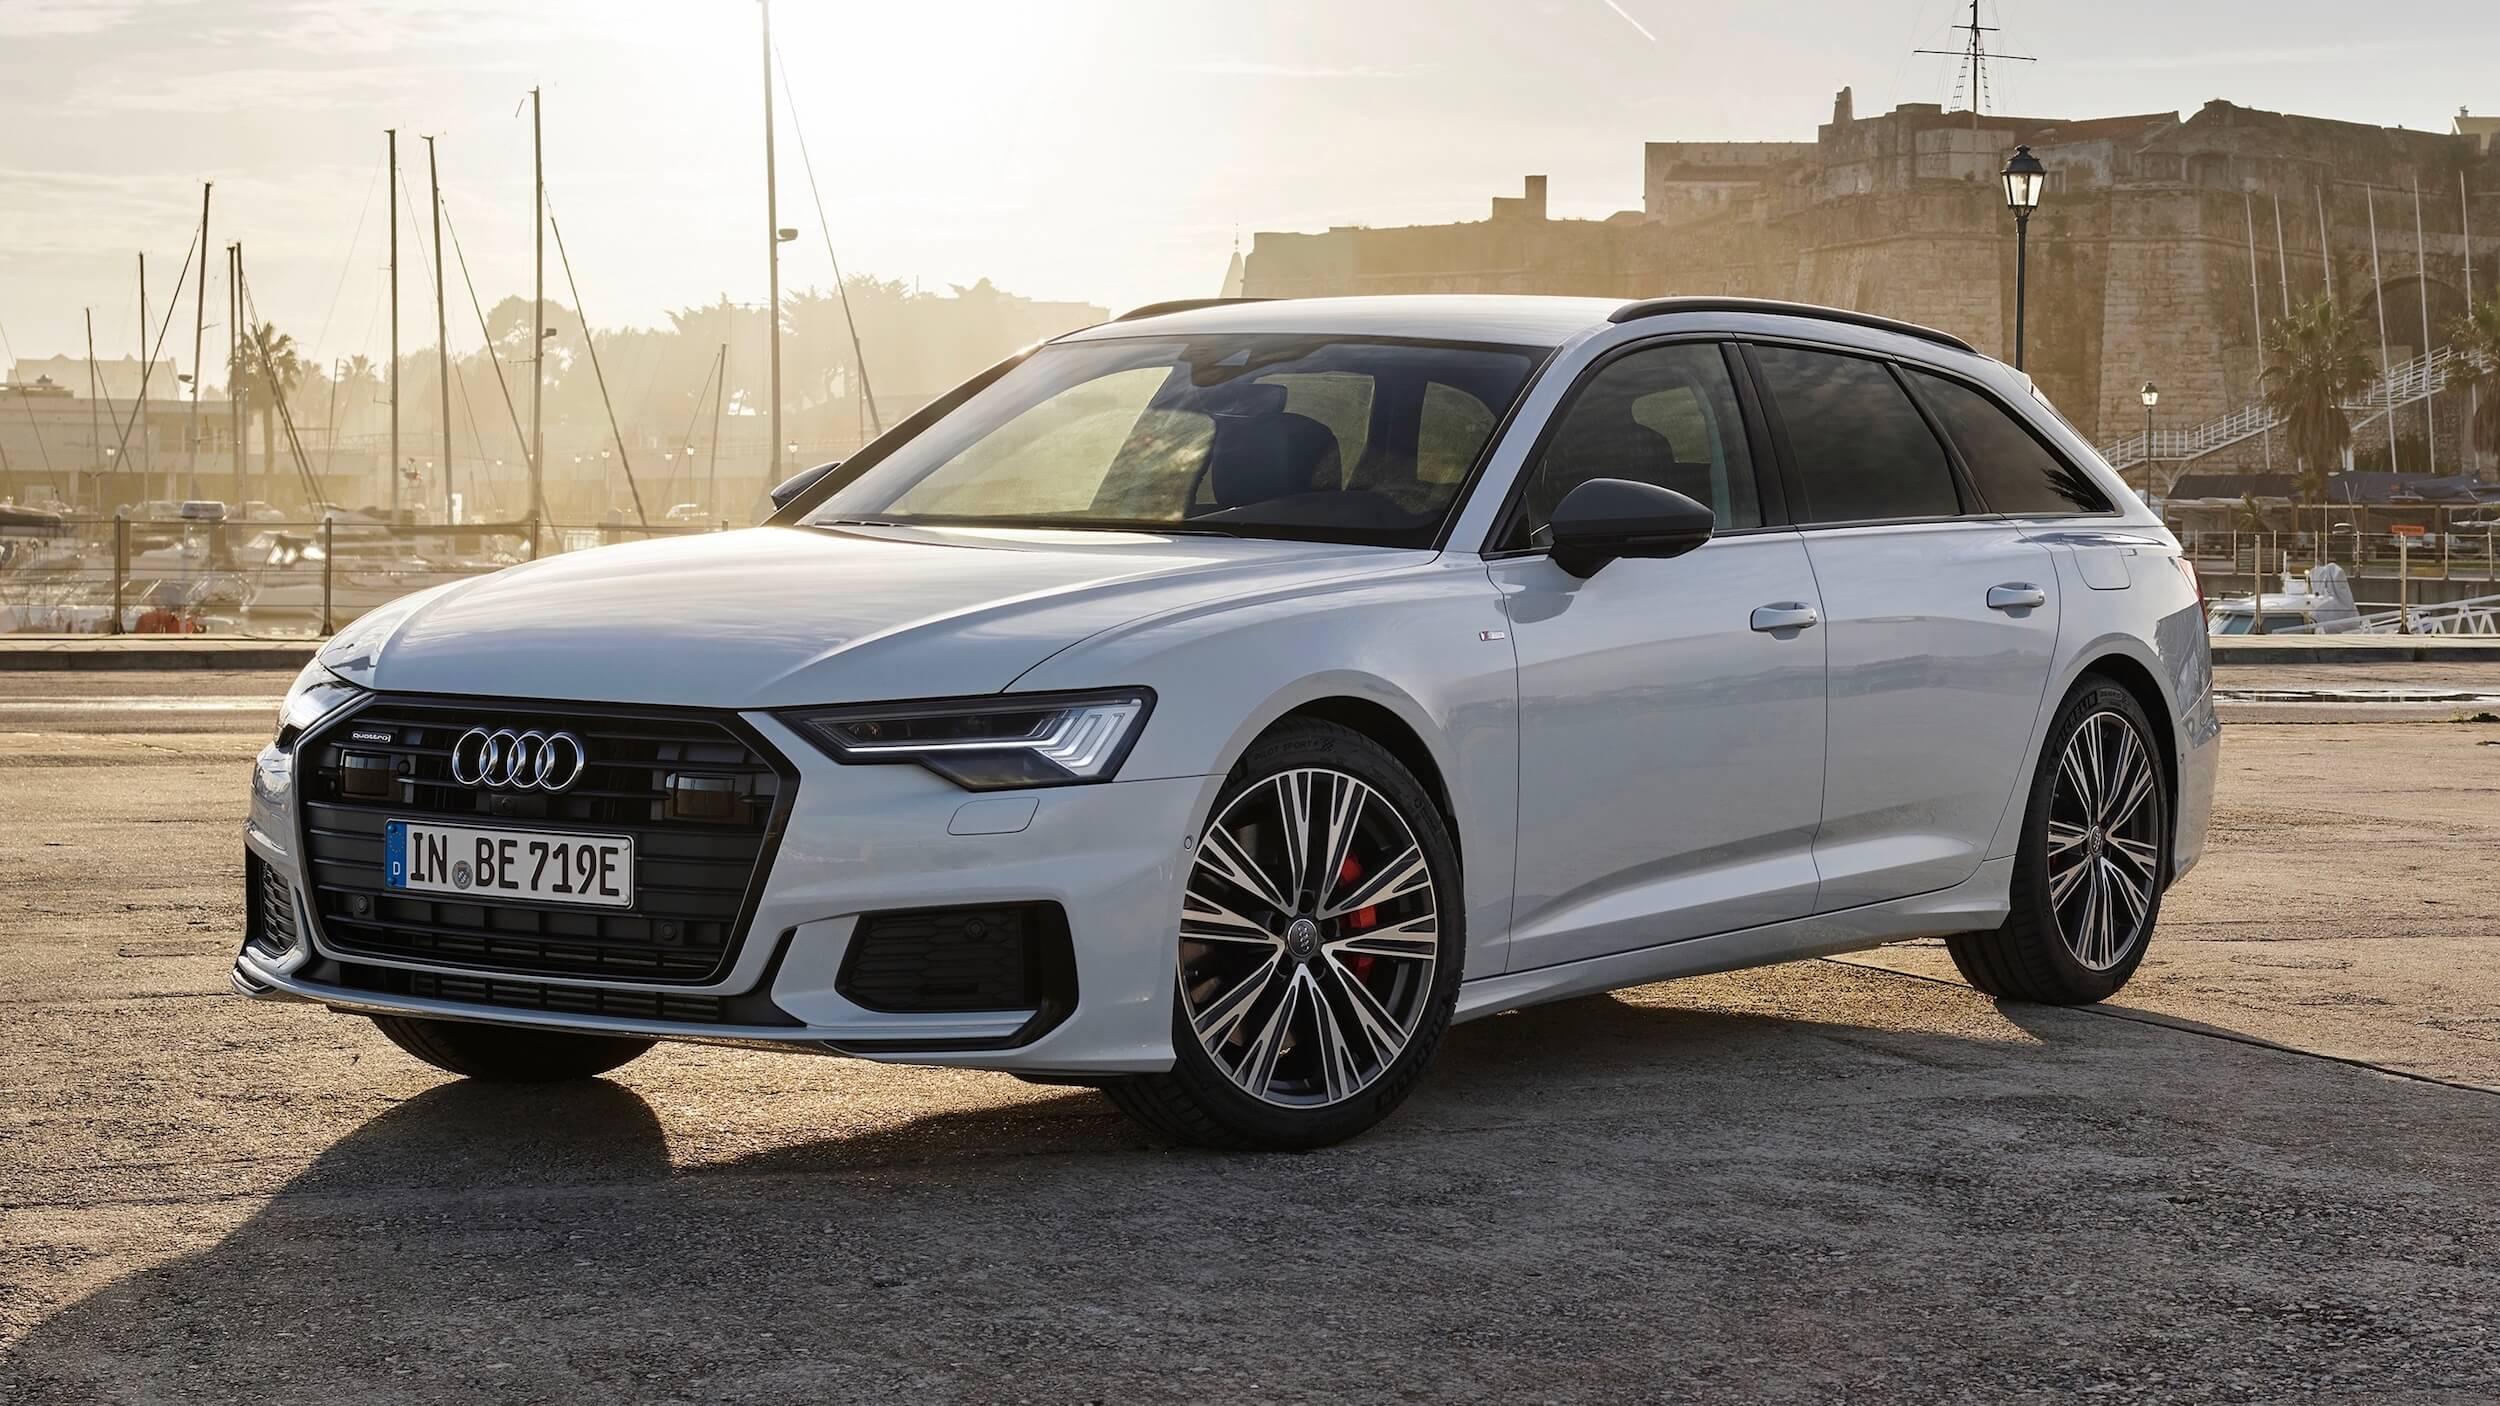 2021 Audi A6 Avant